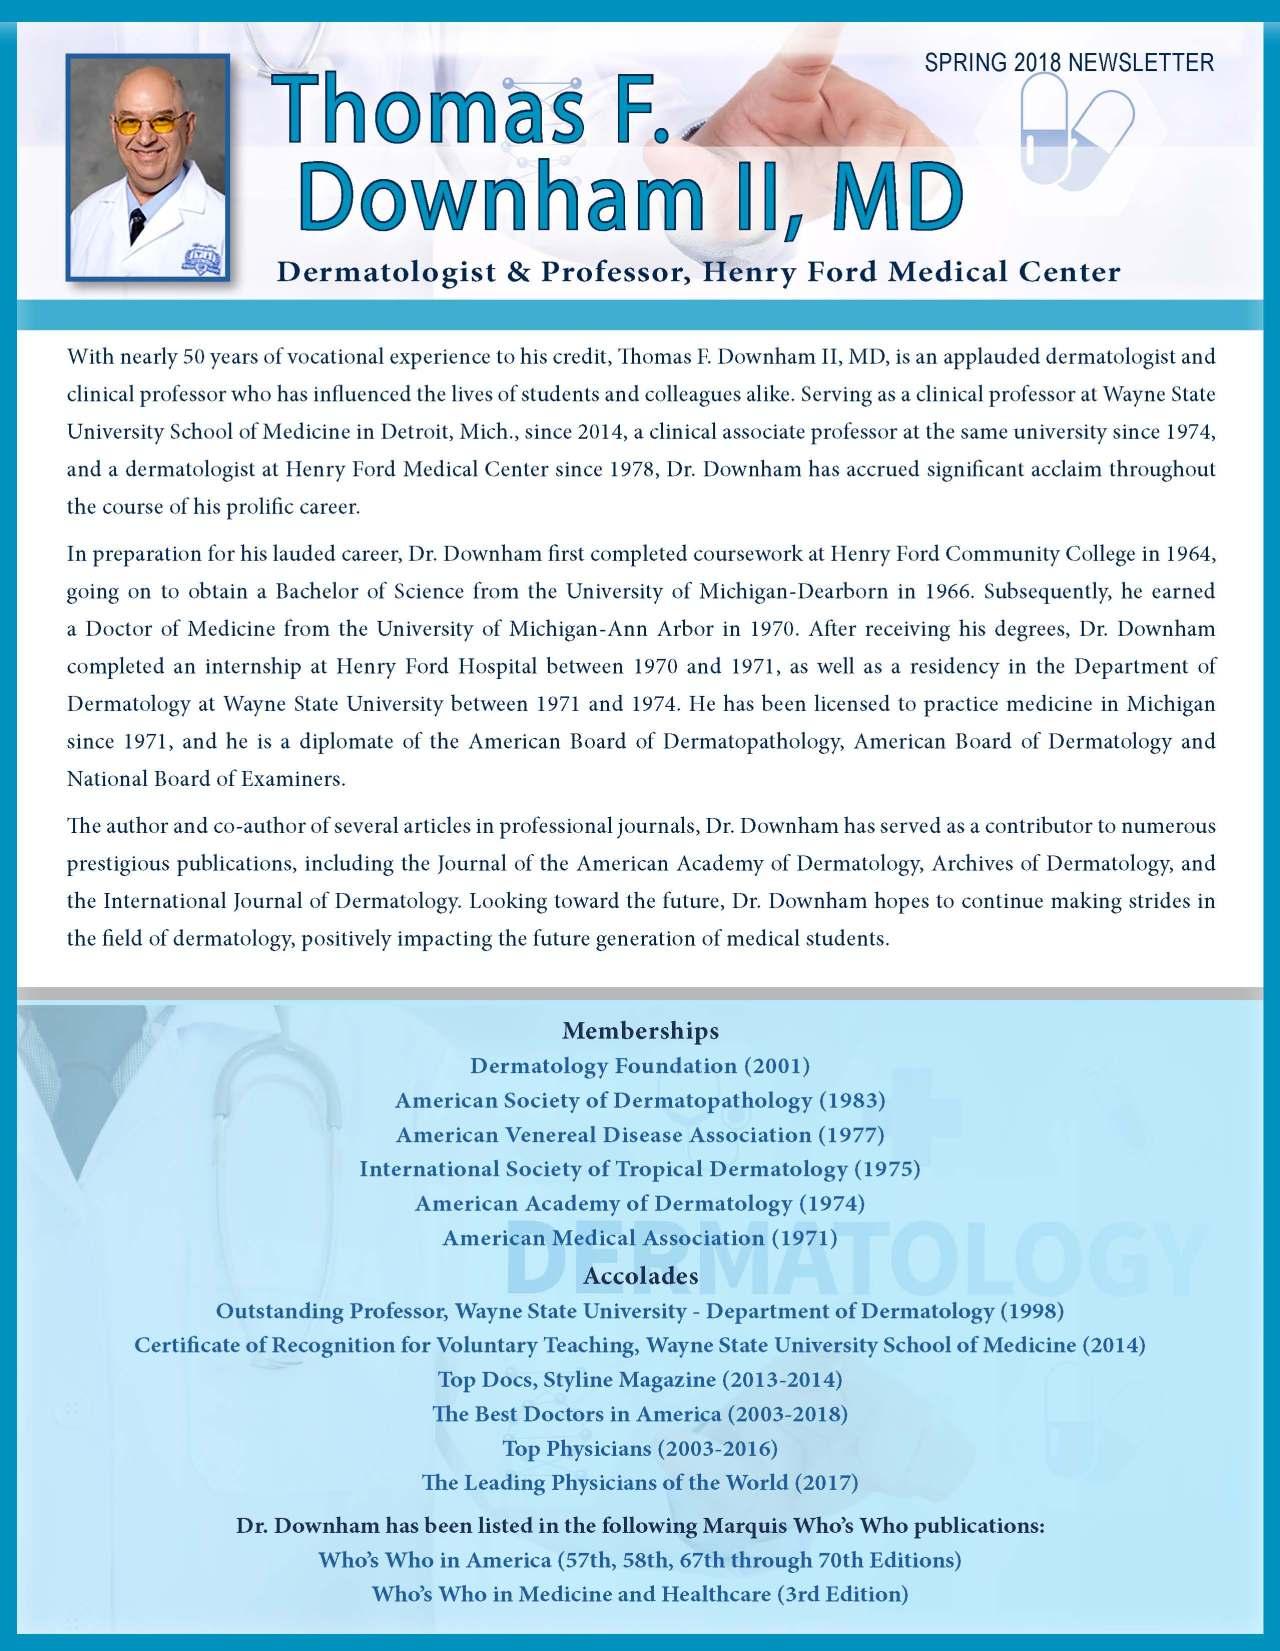 Downham, Thomas 3614355_28445402 Newsletter REVISED.jpg